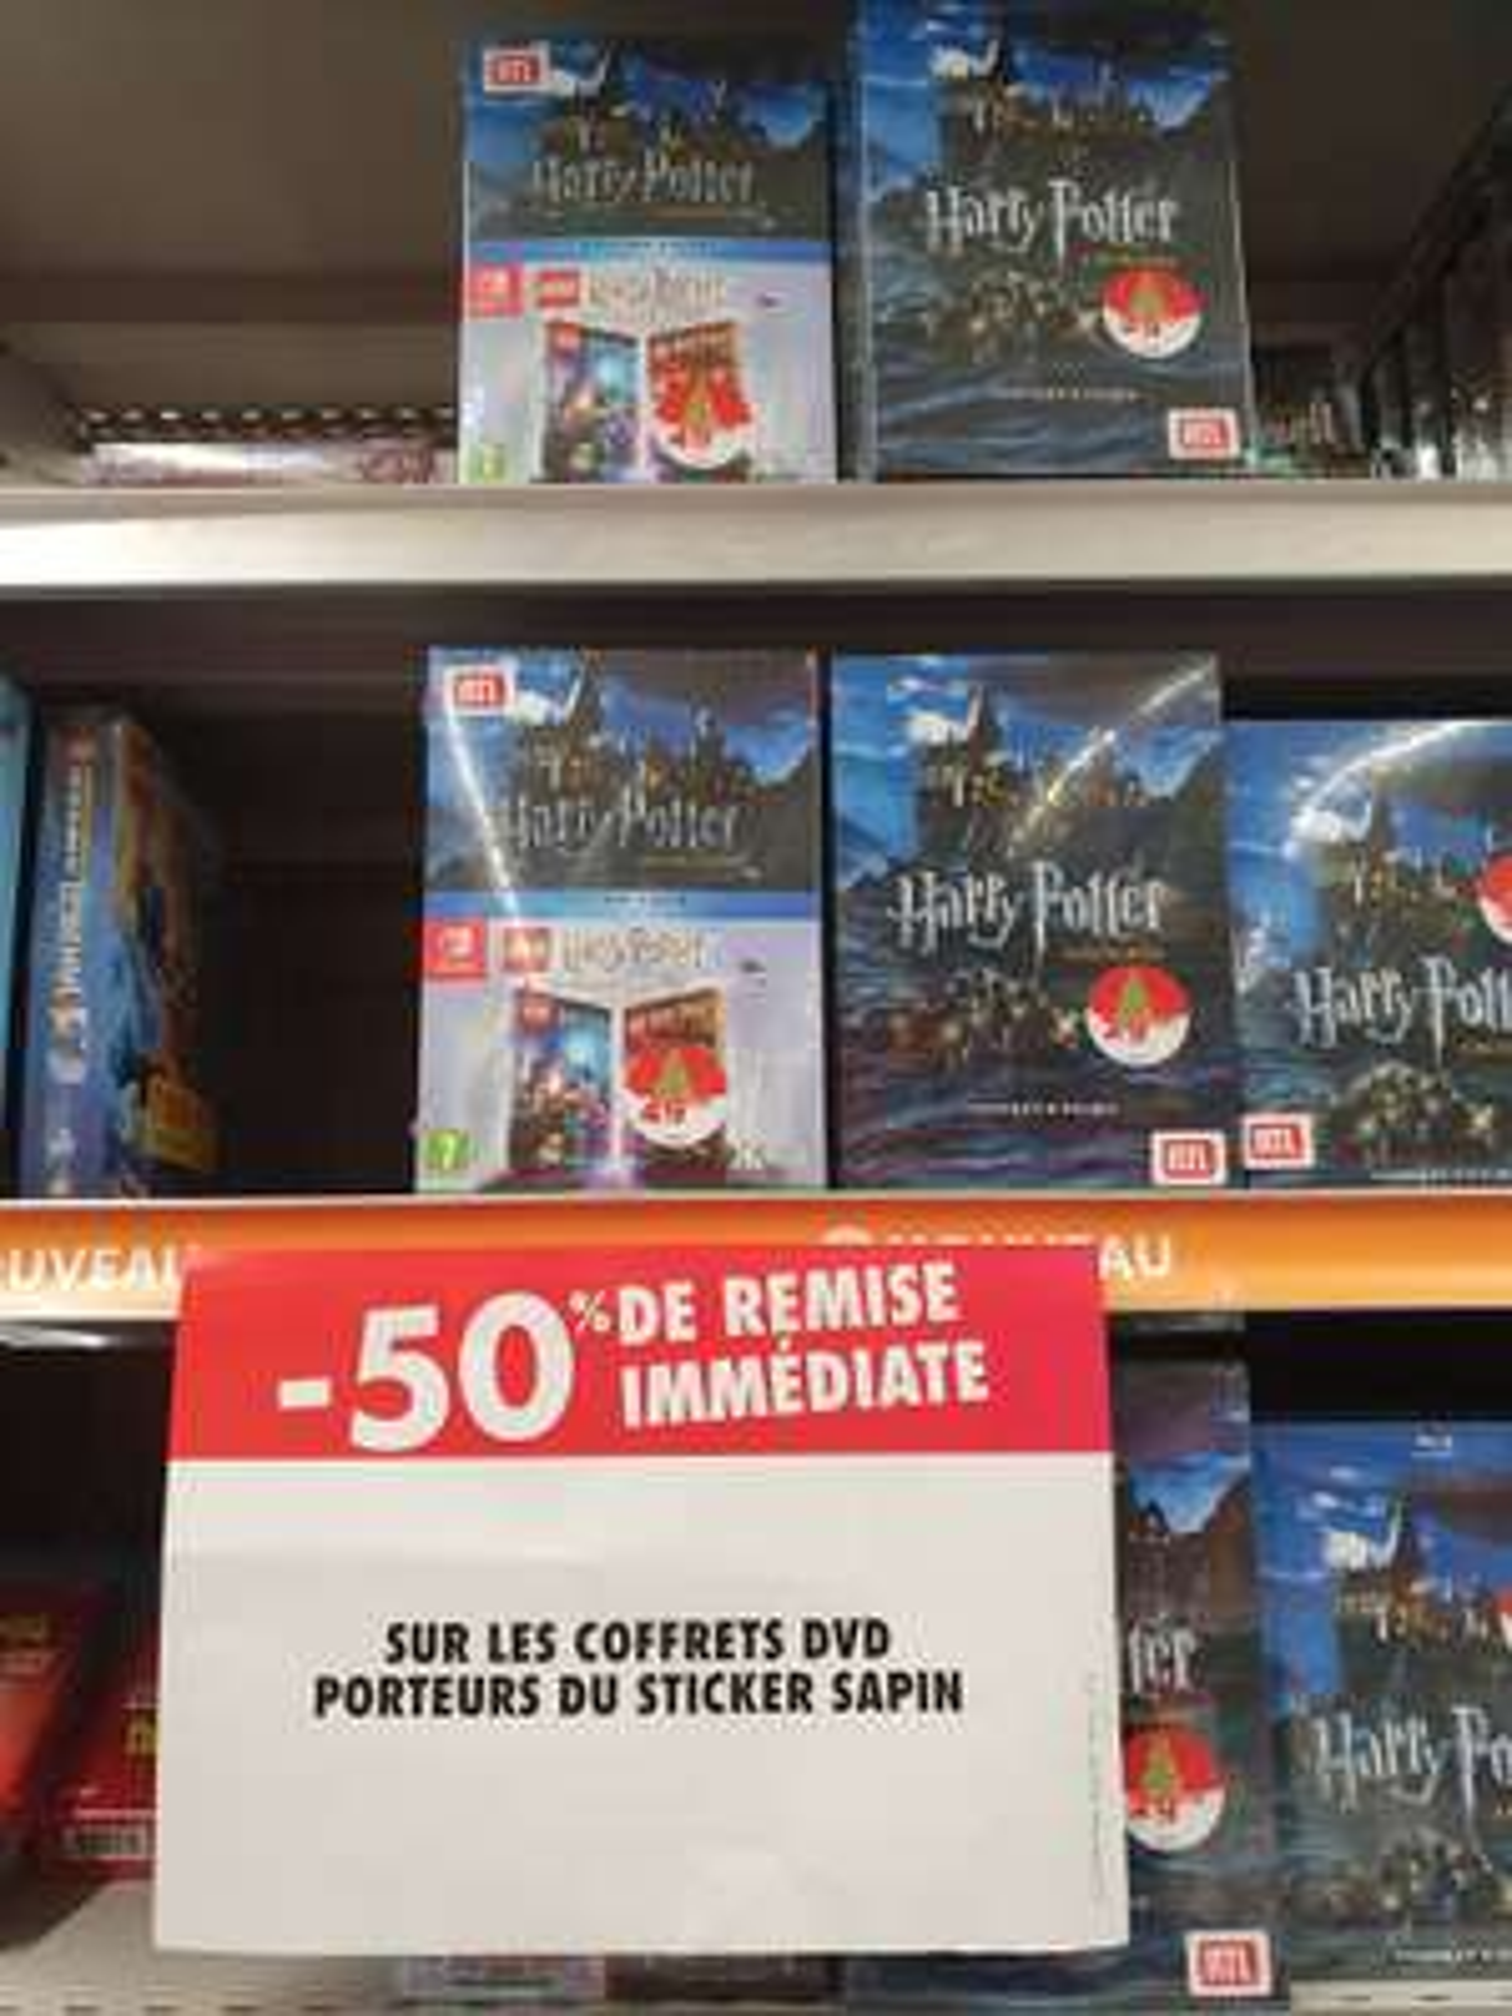 Coffret DVD Intégrale Harry Potter + 2 Jeux LEGO Harry Potter sur Nintendo Switch - Pontault-Combault (77)